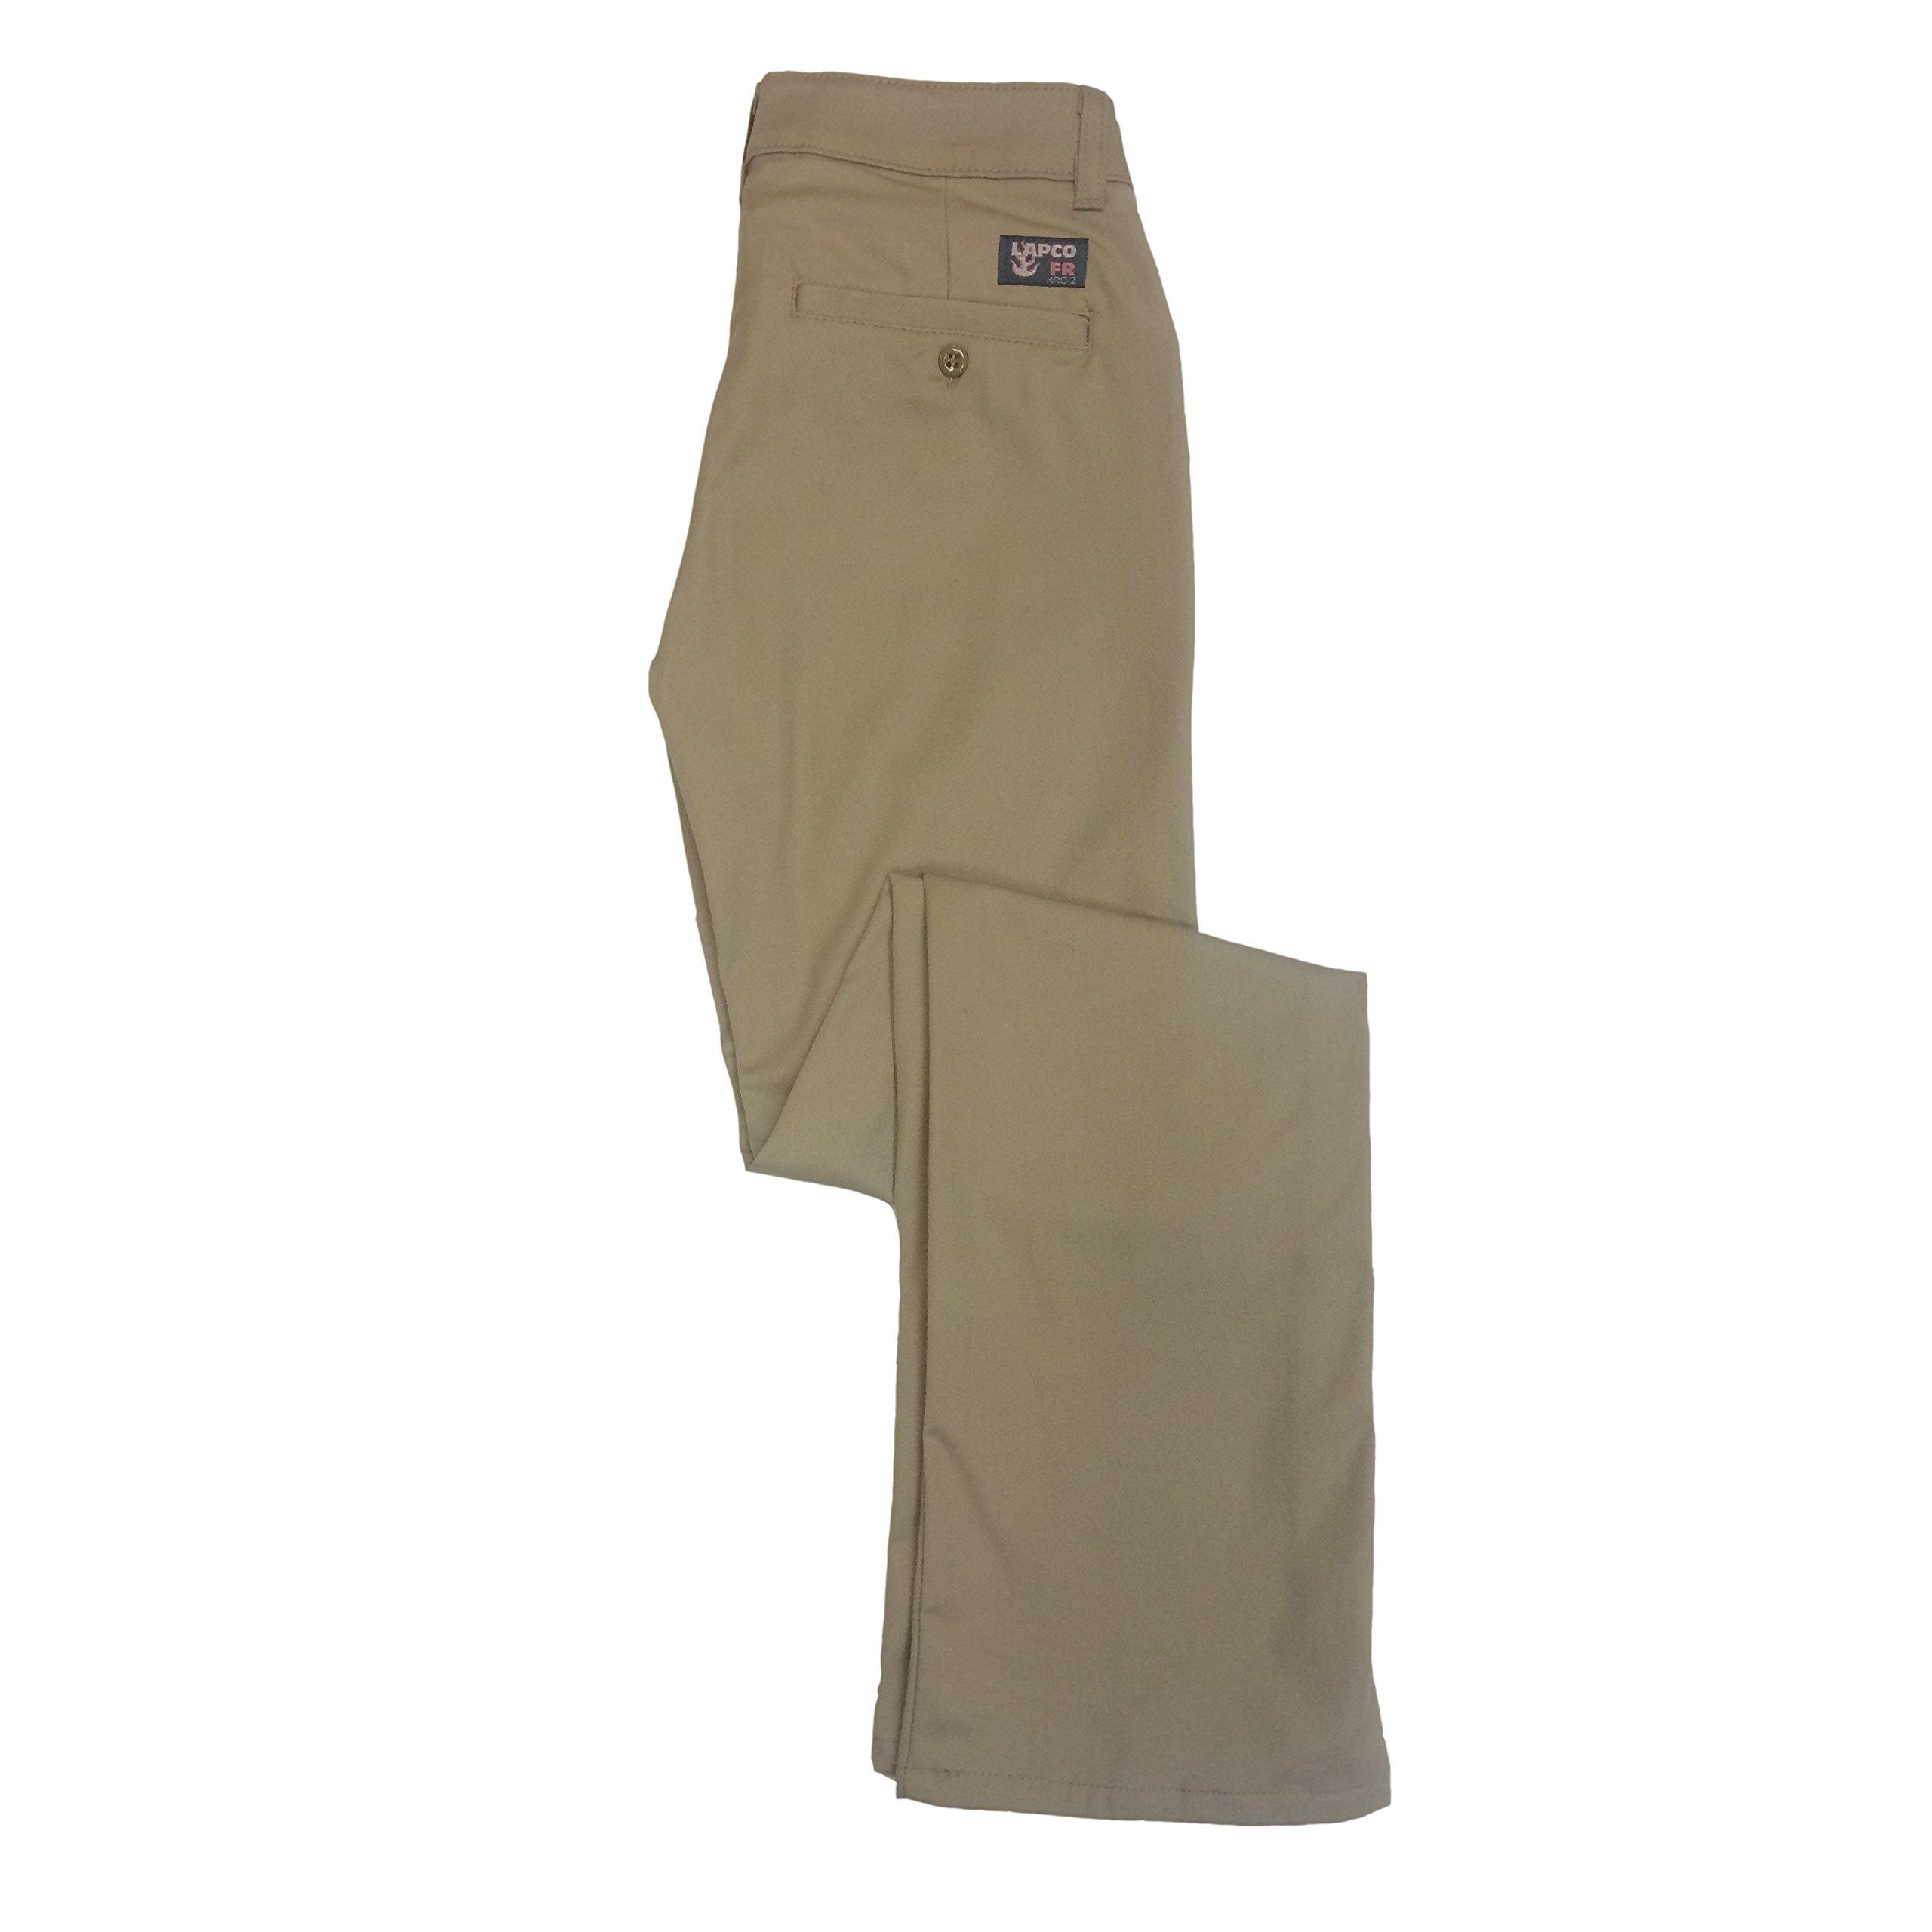 Lapco FR L-PFRACKH 6RG Ladies FR Advanced Comfort Uniform Pants, 88% Cotton, 12% Nylon, 7 oz, 6RG, Khaki